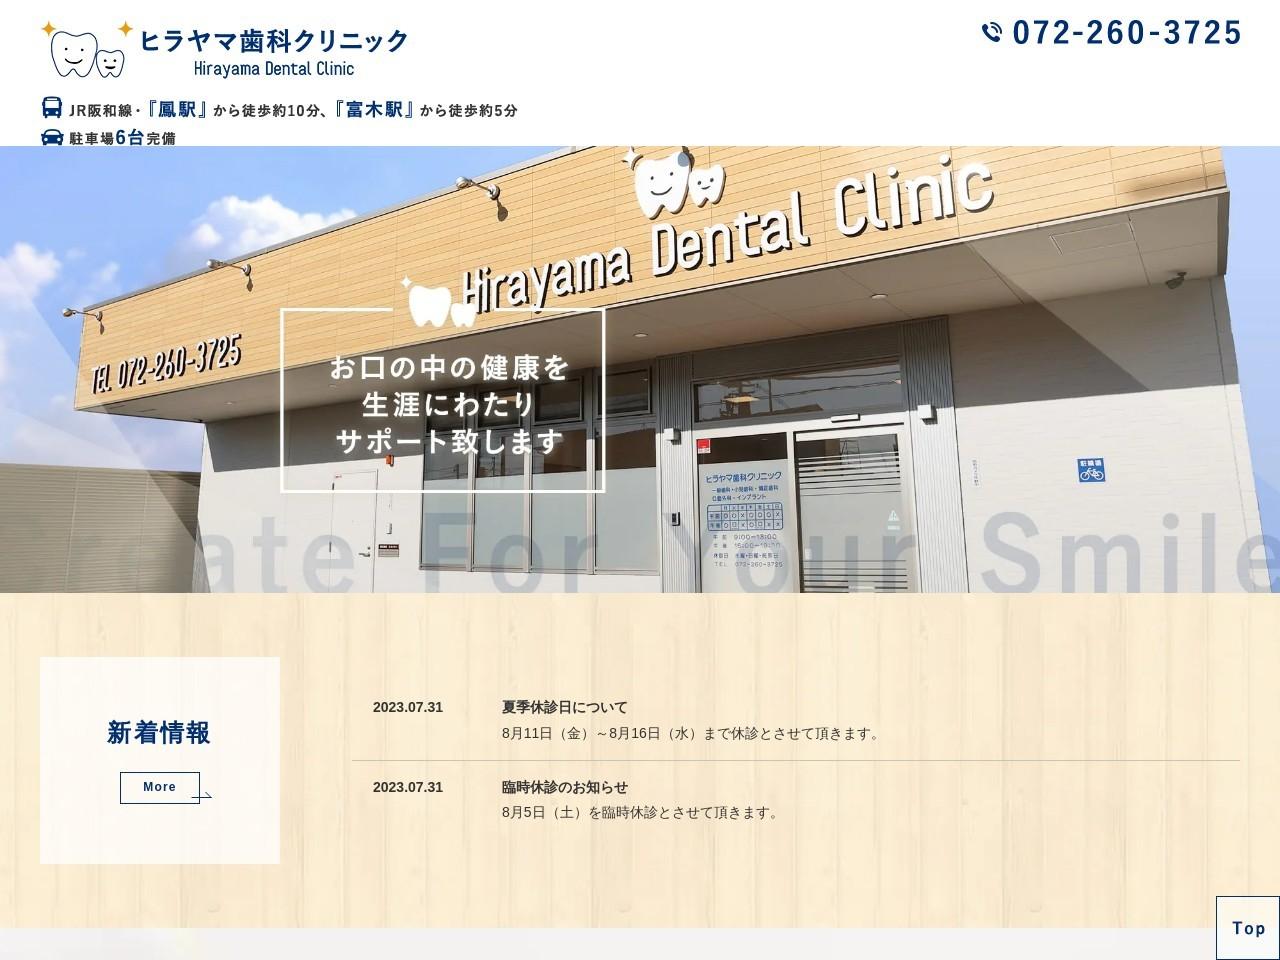 ヒラヤマ歯科クリニック (大阪府堺市西区)